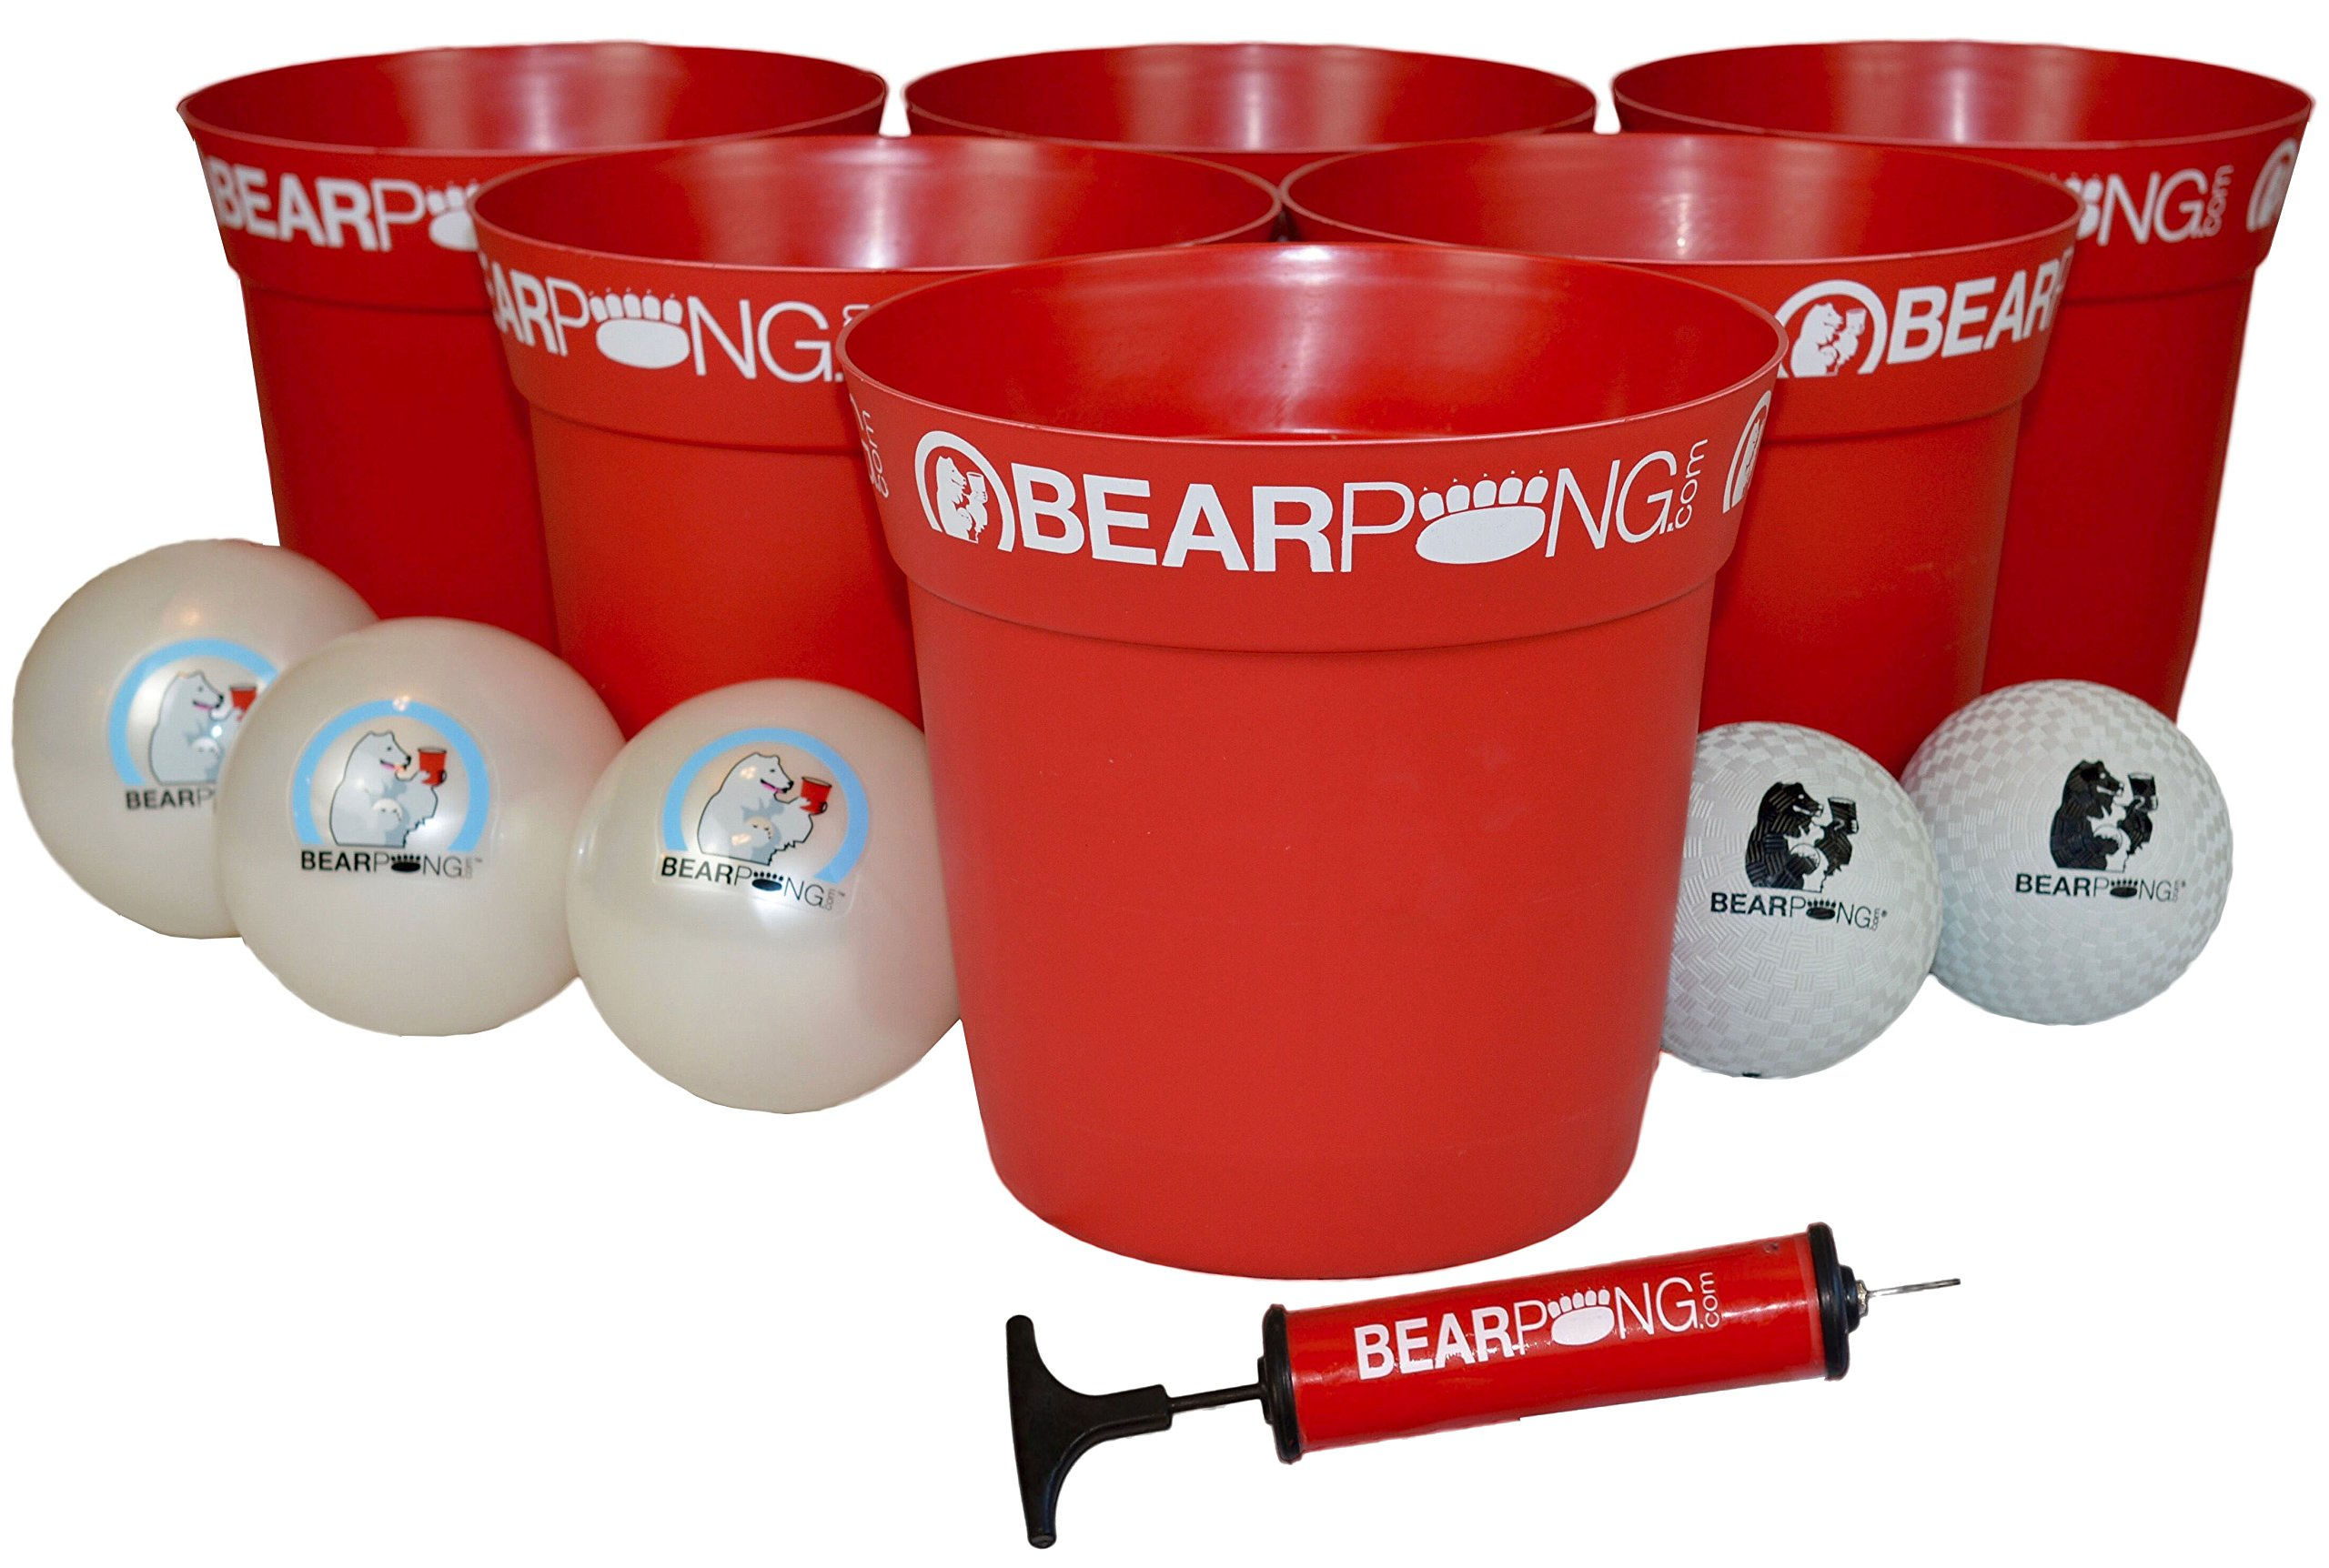 Bearpong Deluxe Game Set: 12 BEARPONG Buckets, 3 BEARPONG Balls, 2 Beach Balls, 1 Ball Pump with Carrying Case, and Instructions (Red)